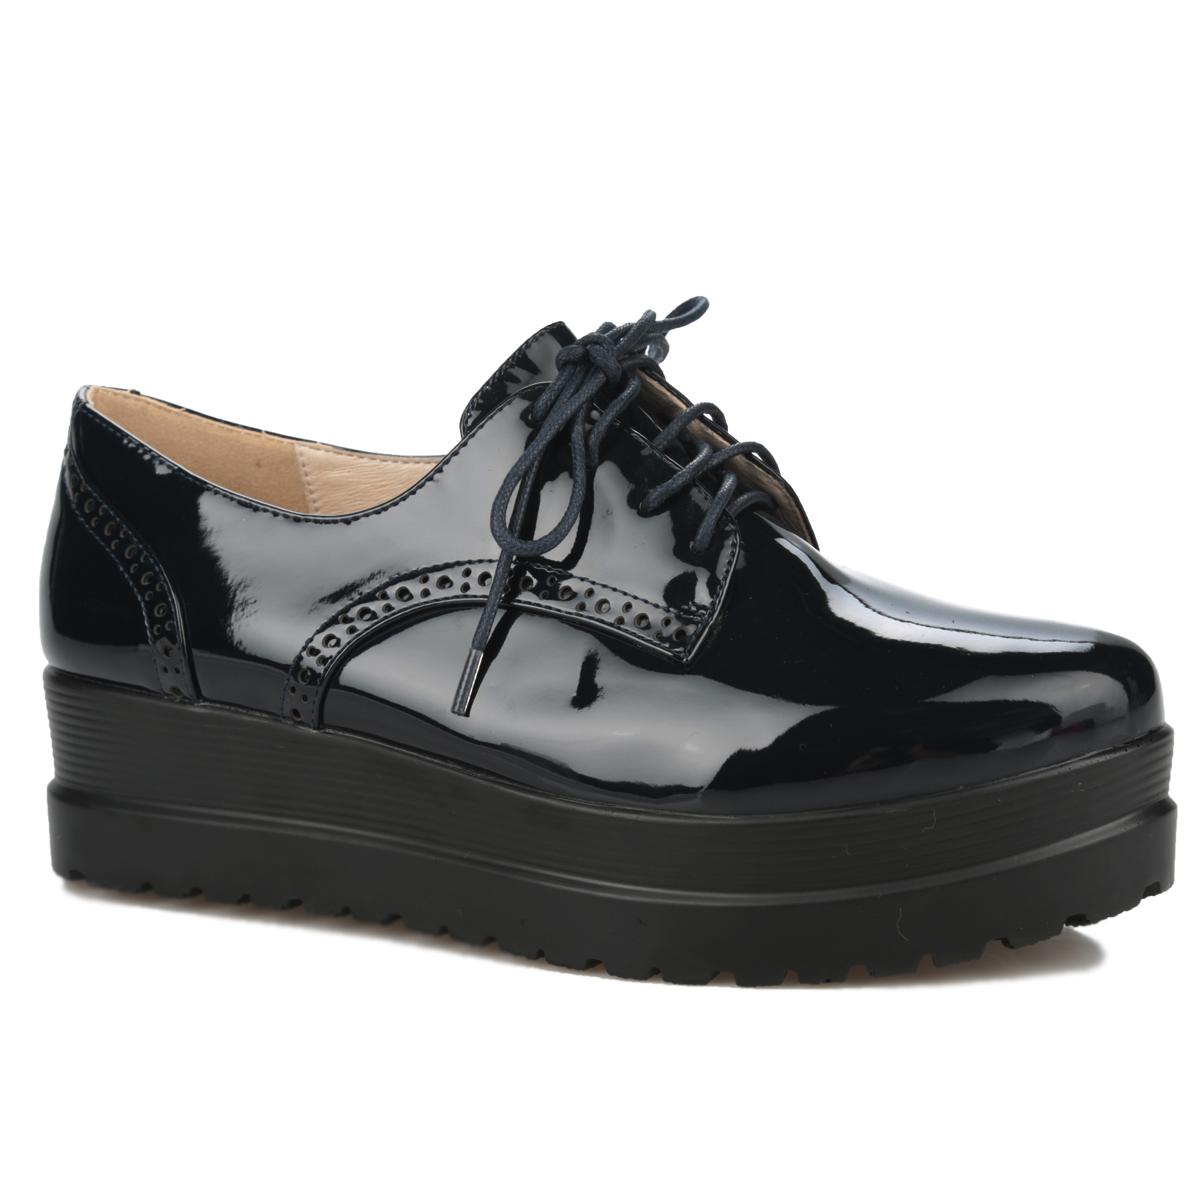 Полуботинки женские. 06-11-0106-11-01AУльтрамодные женские полуботинки от Makfly внесут изюминку в ваш образ. Модель изготовлена из искусственного лака и оформлена декоративной перфорацией. Классическая шнуровка прочно зафиксирует обувь на вашей ноге. Стелька из натуральной кожи позволяет ногам дышать. Изюминка модели - платформа с протектором, который обеспечивает отличное сцепление с любыми поверхностями. Удобные полуботинки - незаменимая вещь в гардеробе истинной модницы.